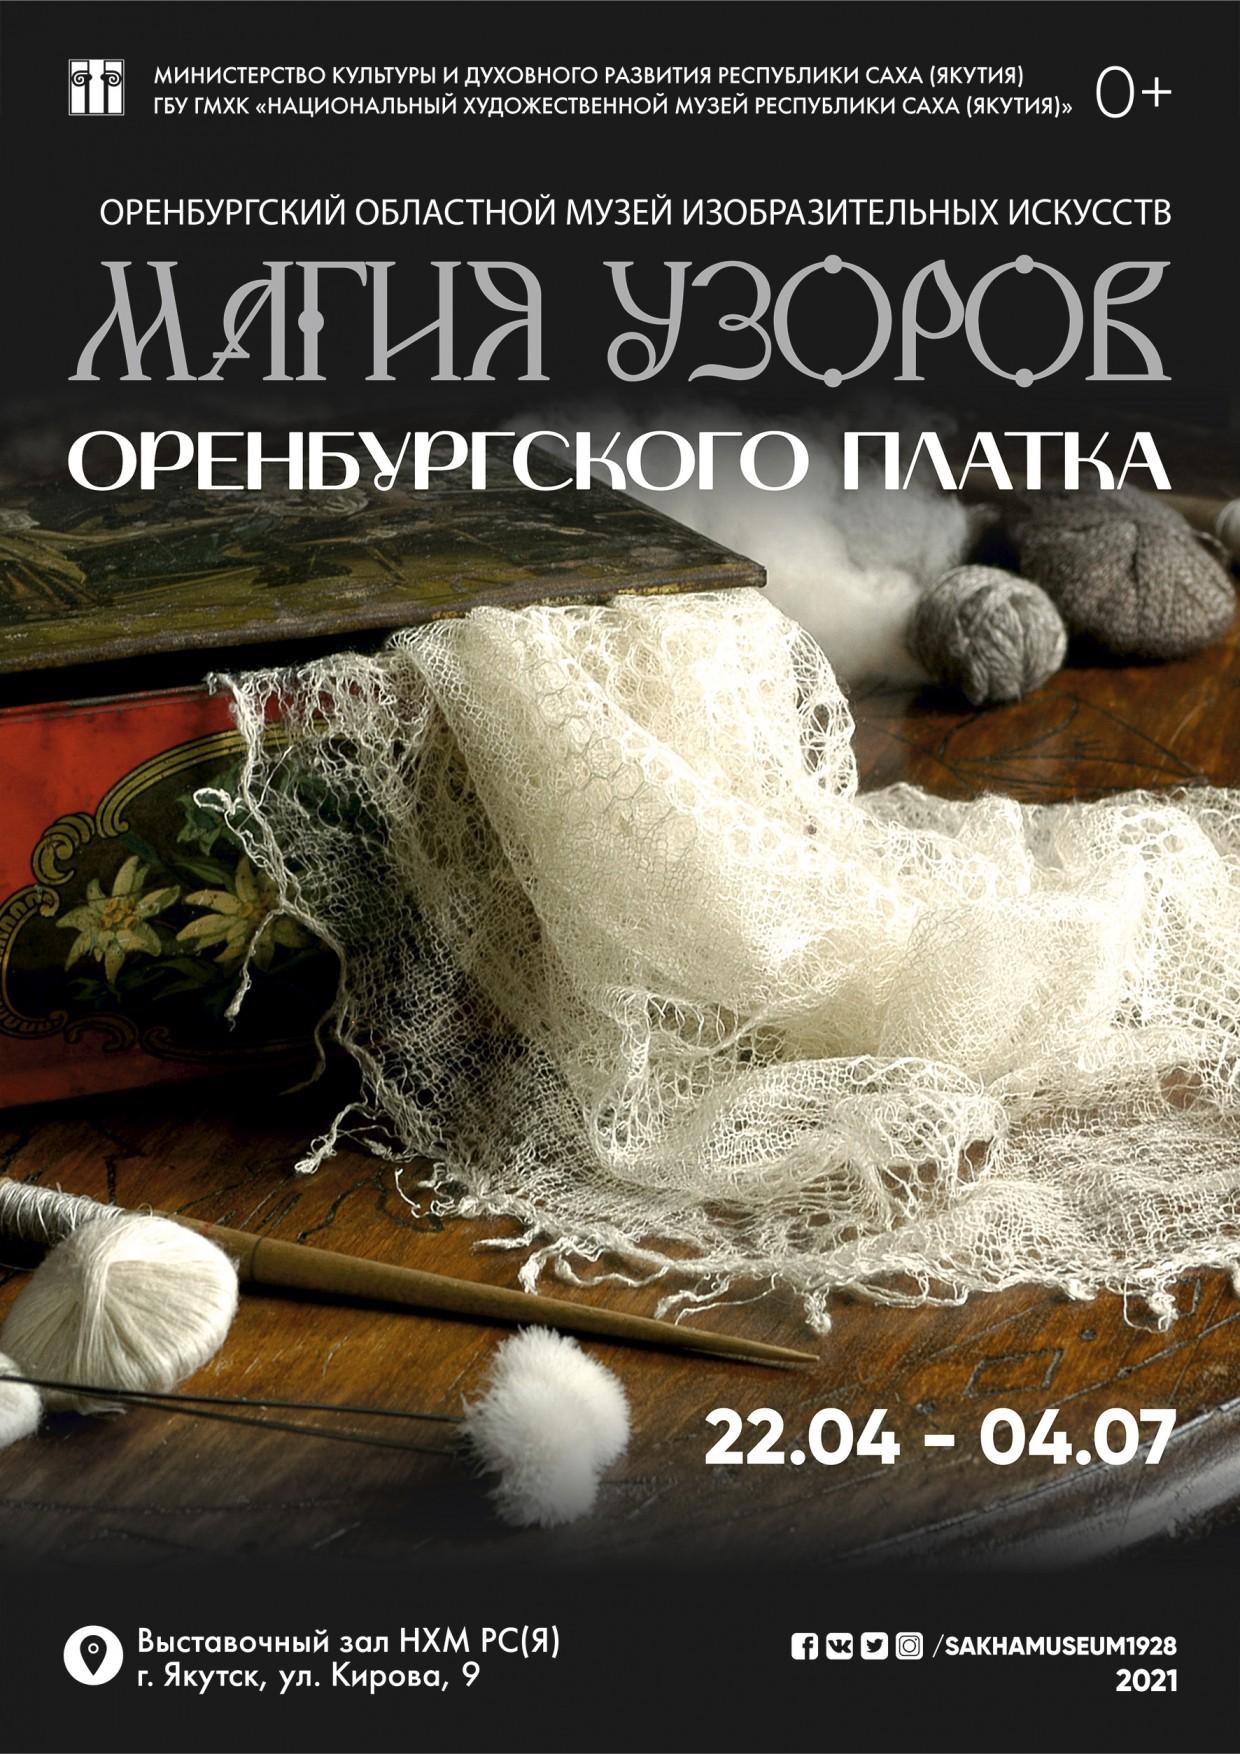 «Магия узоров оренбургского платка» в Якутске